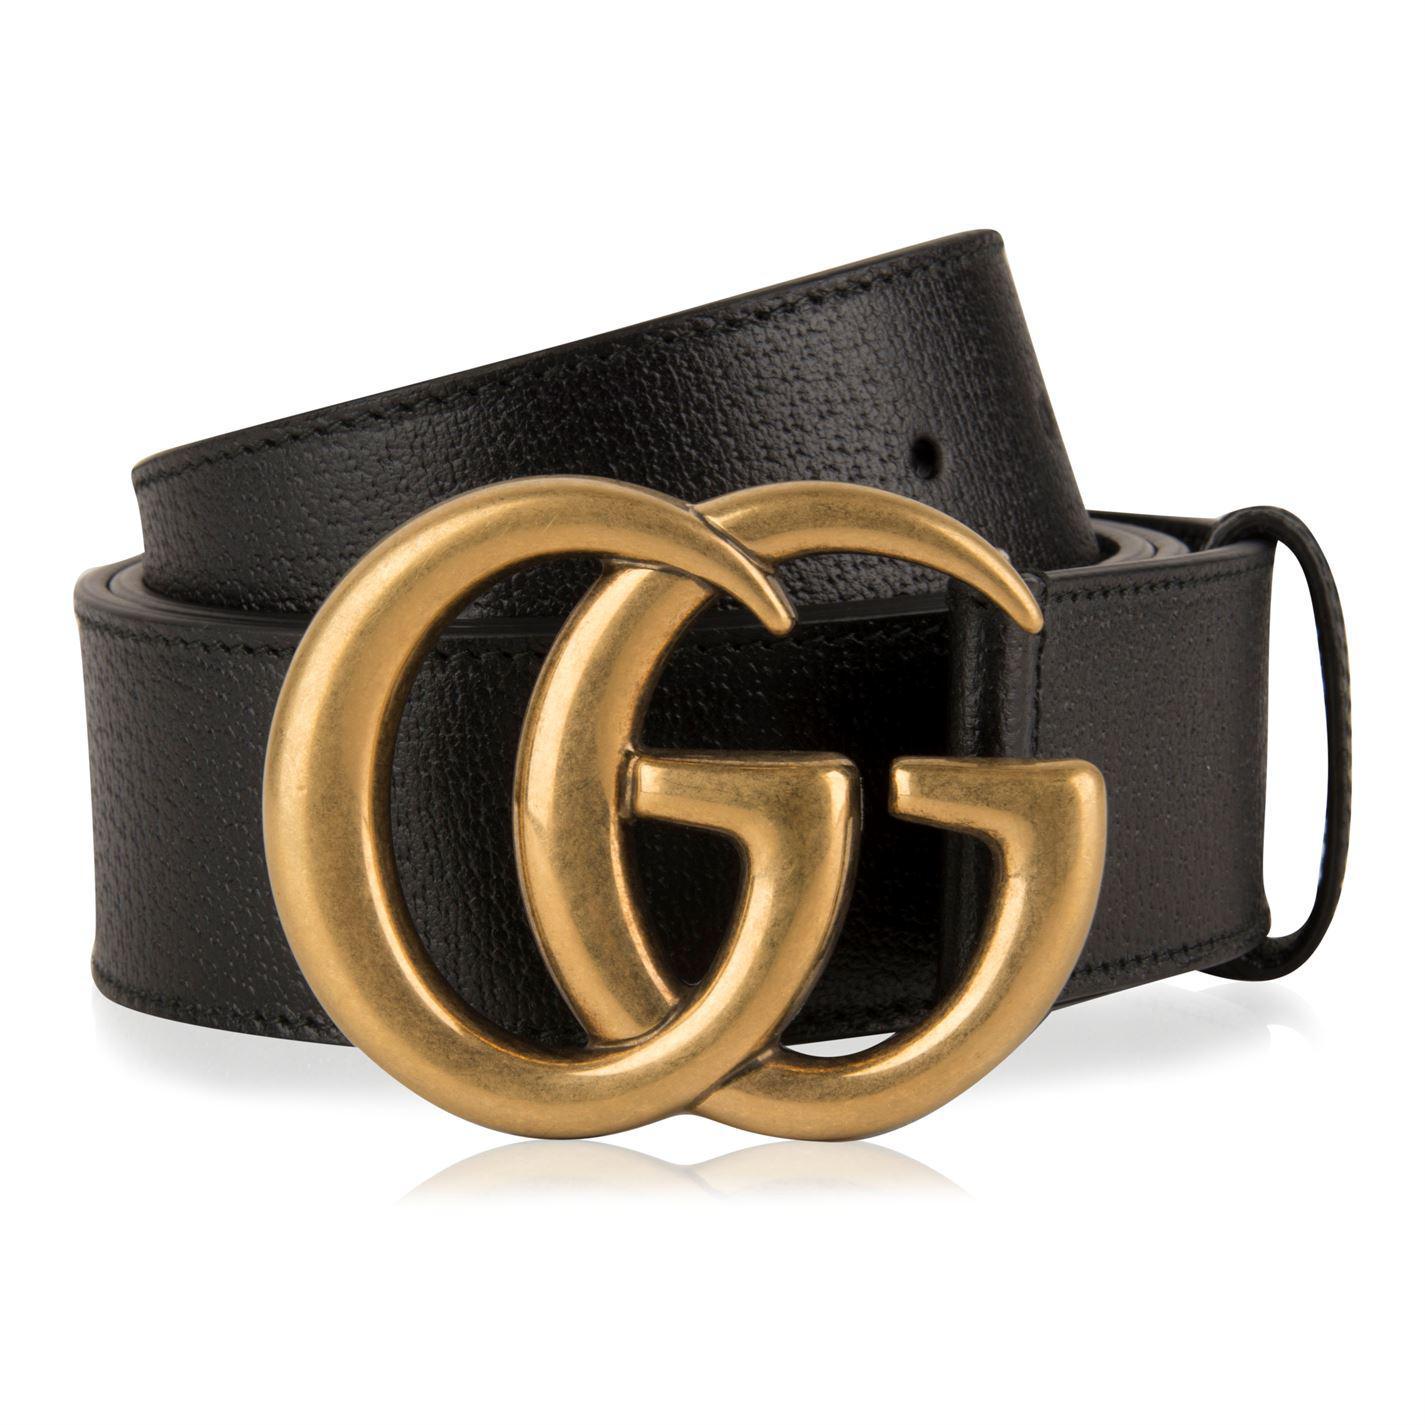 c42e5e4151868f Gucci Gg Marmont Belt in Black - Save 17% - Lyst